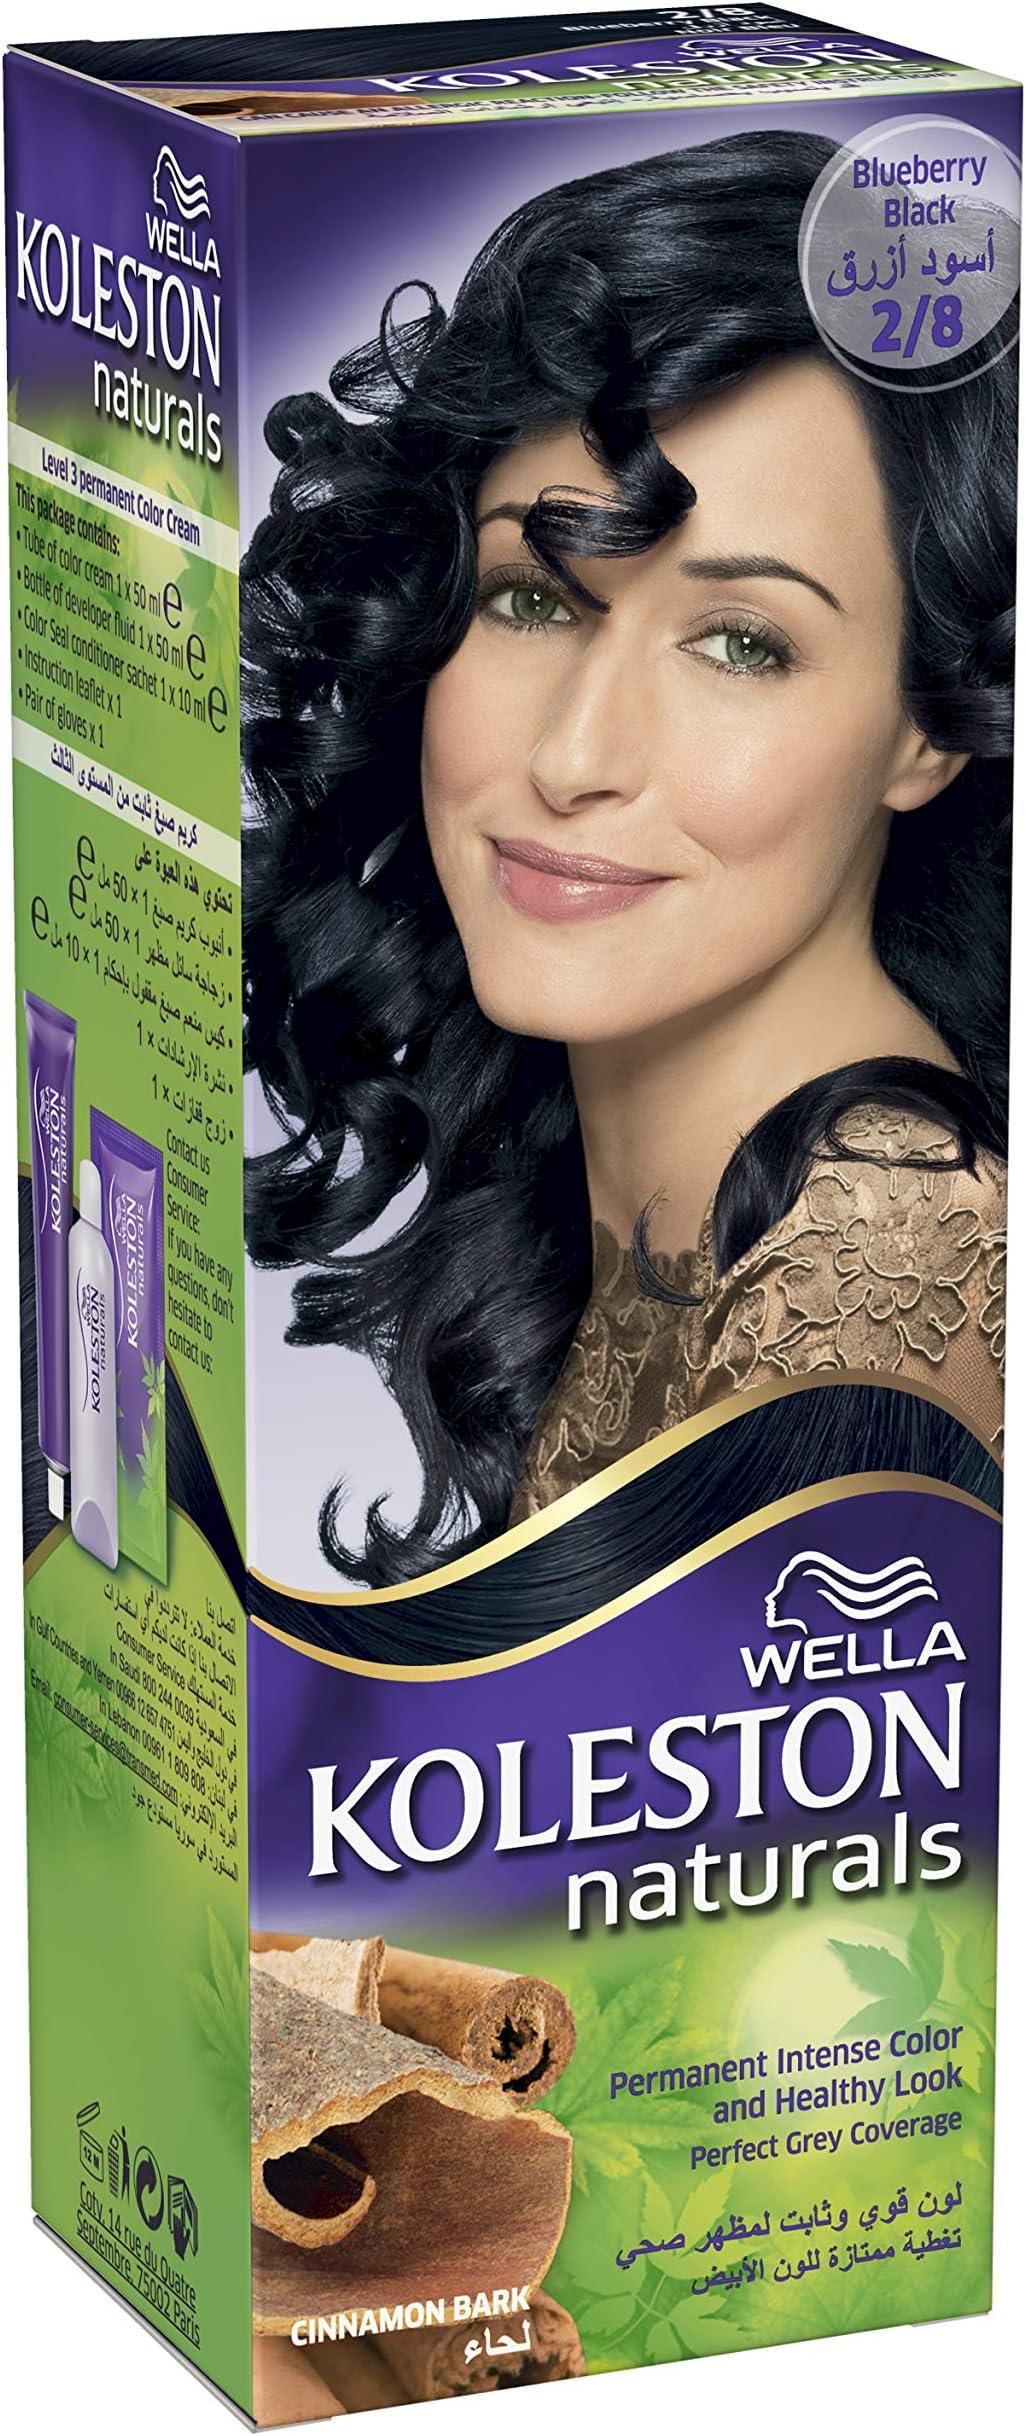 سعر ويلا كوليستون صبغة شعر دائمة أسود مزرق فى الامارات بواسطة امازون الامارات كان بكام